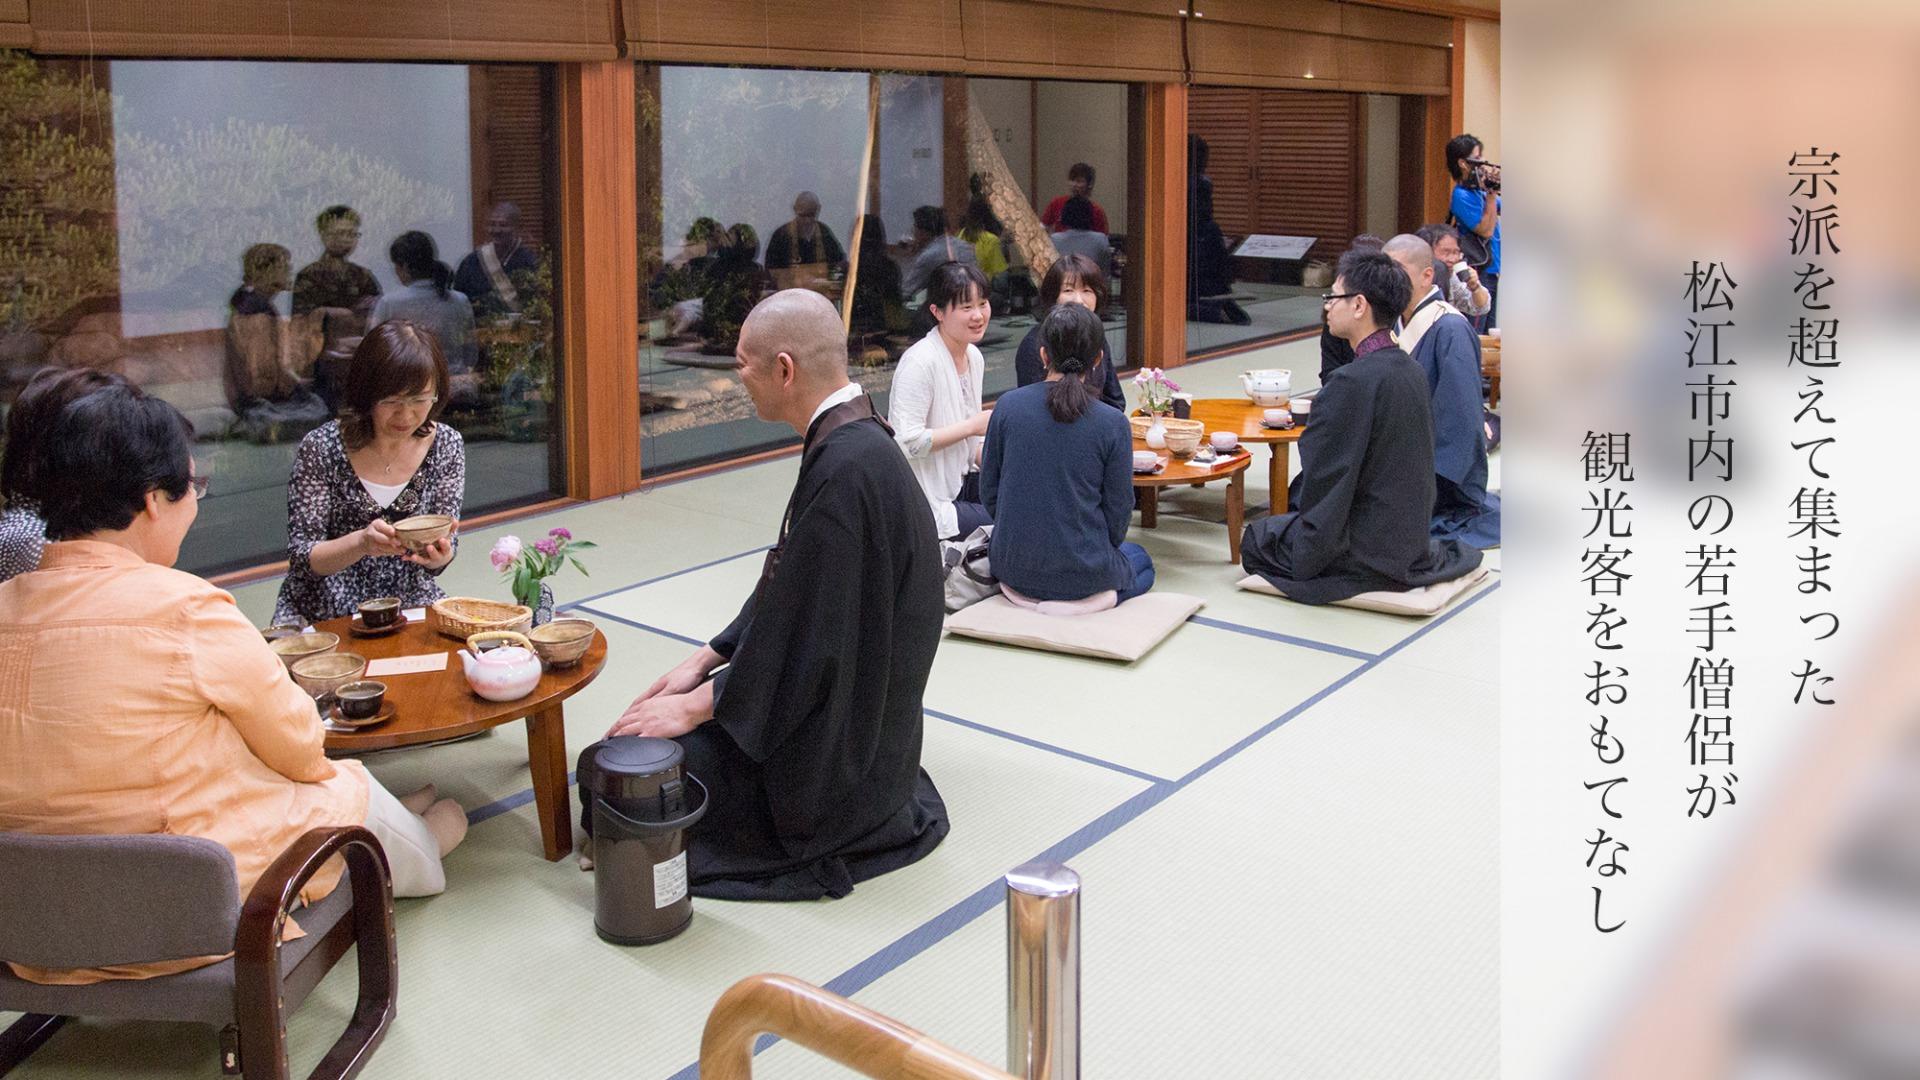 宗派を超えて集まった松江市内の若手僧侶が観光客をおもてなし